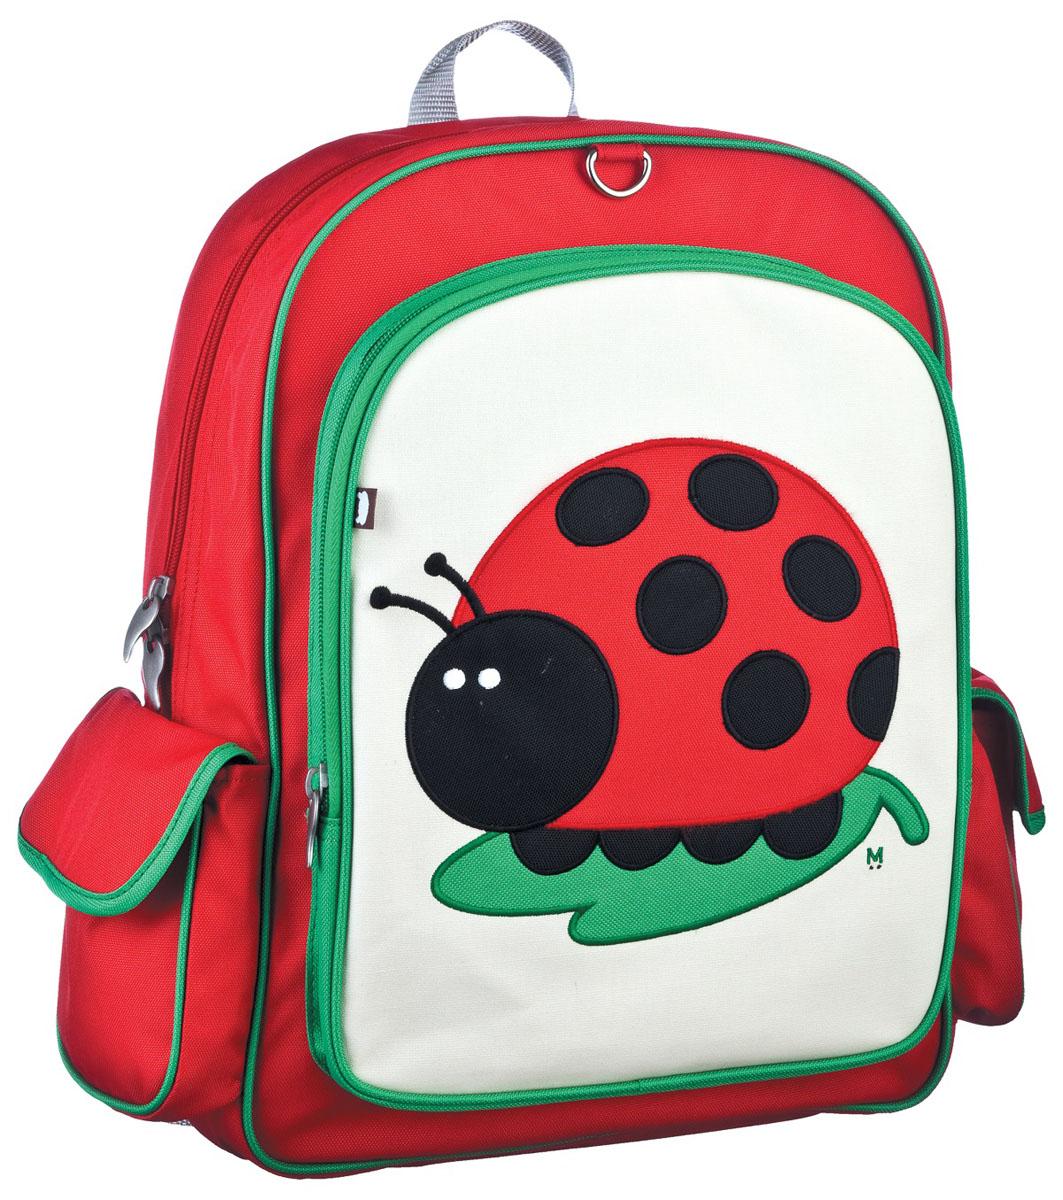 Рюкзак детский Beatrix Big Kid Juju-Lady Bug, цвет: молочный, красный, зеленыйAP-100357-7Рюкзак Beatrix Juju-Lady Bug изготовлен из износоустойчивого нейлона ярких расцветок.Рюкзак оформлен вышитой аппликацией с изображением забавного животного. Рюкзак состоит из вместительного отделения, закрывающегося на застежку-молнию с двумя бегунками. Бегунки застежки дополнены металлическими держателями. На лицевой стороне рюкзака один большой накладной карман на молнии. Внутри отделения находится дополнительный кармашек на застежке-молнии. На задней стенке рюкзака имеется нашивка, на которой можно указать данные владельца. По бокам рюкзака имеются два накладных кармашка, закрывающихся на клапан с липучкой. Мягкие широкие лямки позволяют легко и быстро отрегулировать рюкзак в соответствии с ростом. Спинка рюкзака и лямки прошиты для дополнительного комфорта при эксплуатации. Рюкзак оснащен удобной текстильной ручкой для переноски в руке. Достаточно вместительный для того, чтобы в них поместились учебники, ноутбук, школьный завтрак и остальной арсенал школьника. Идеально подходит как для школы, так для повседневных прогулок, отдыха и спорта.